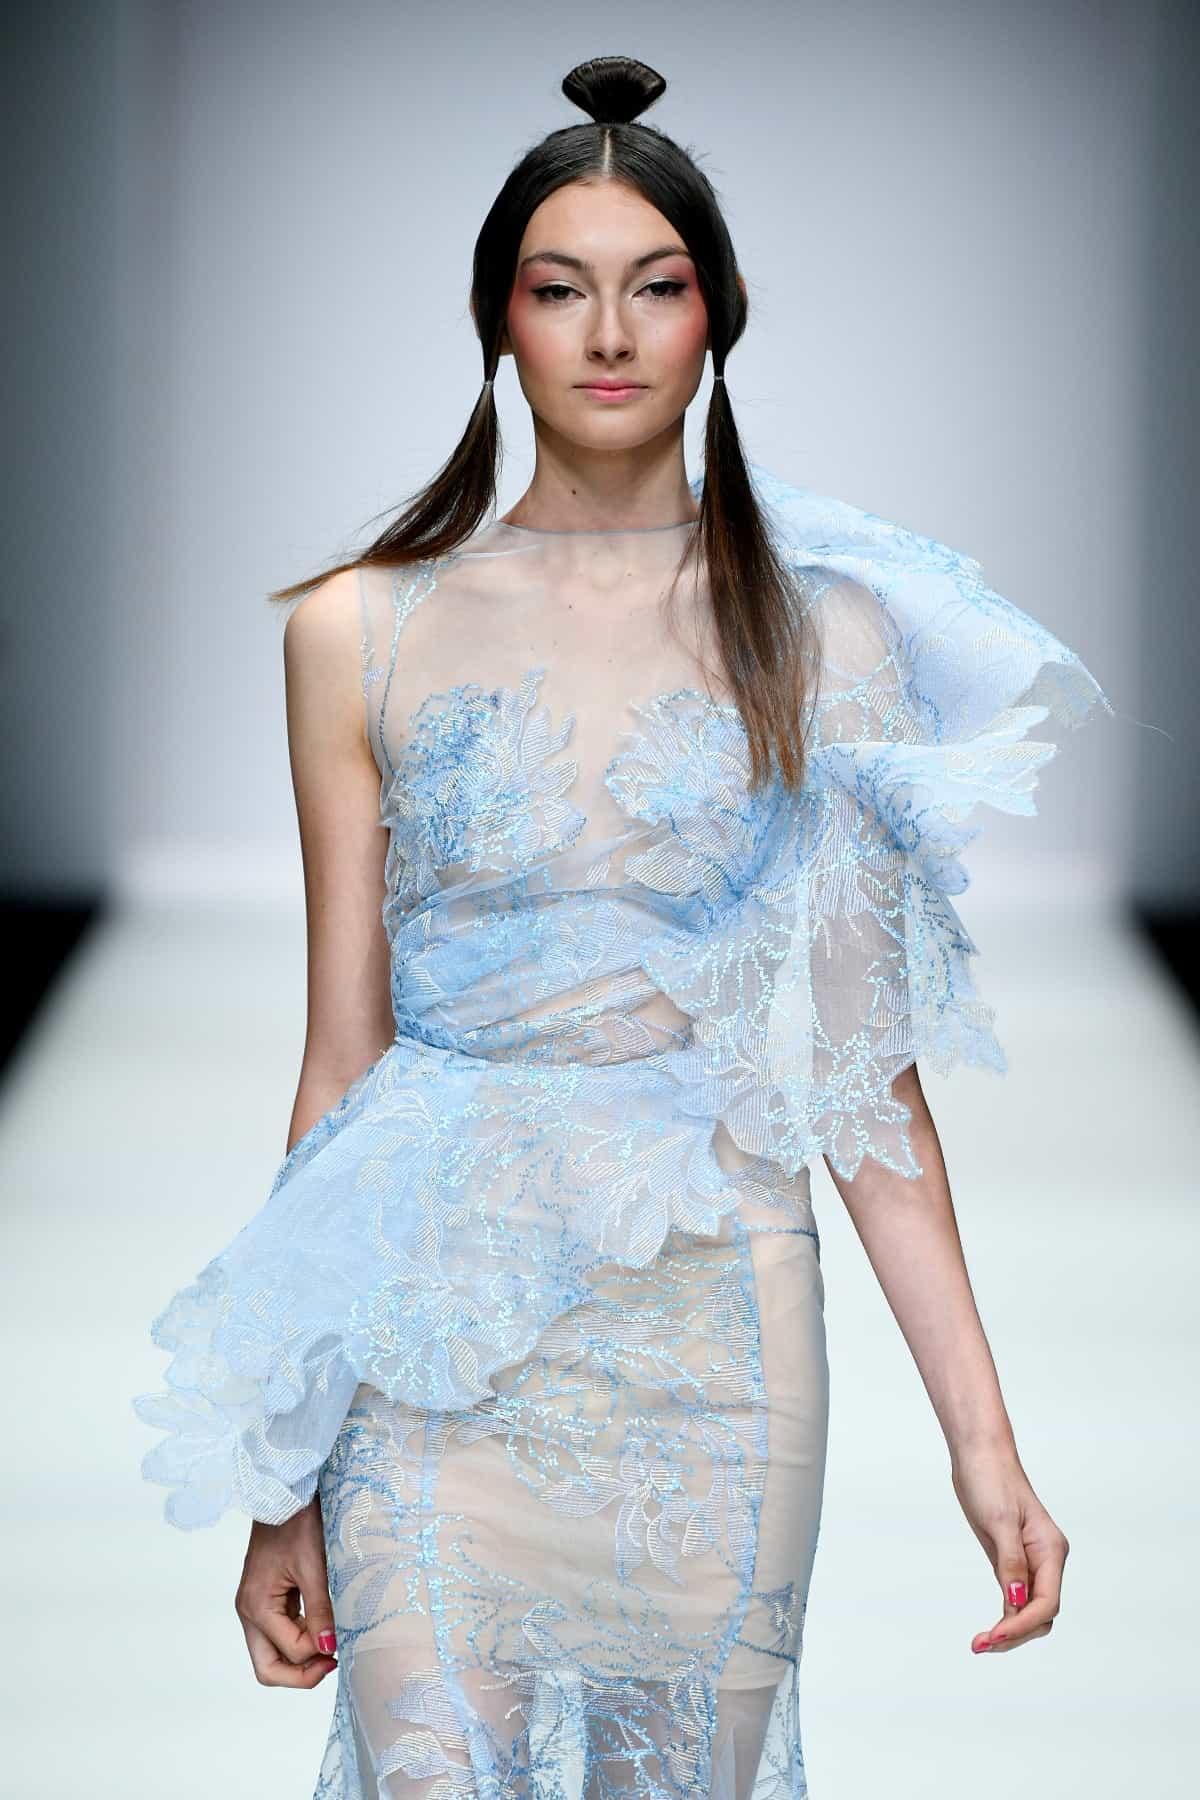 Lana Mueller Sommermode 2020 zur MBFW auf der Fashion Week Berlin Juli 2019 - 5